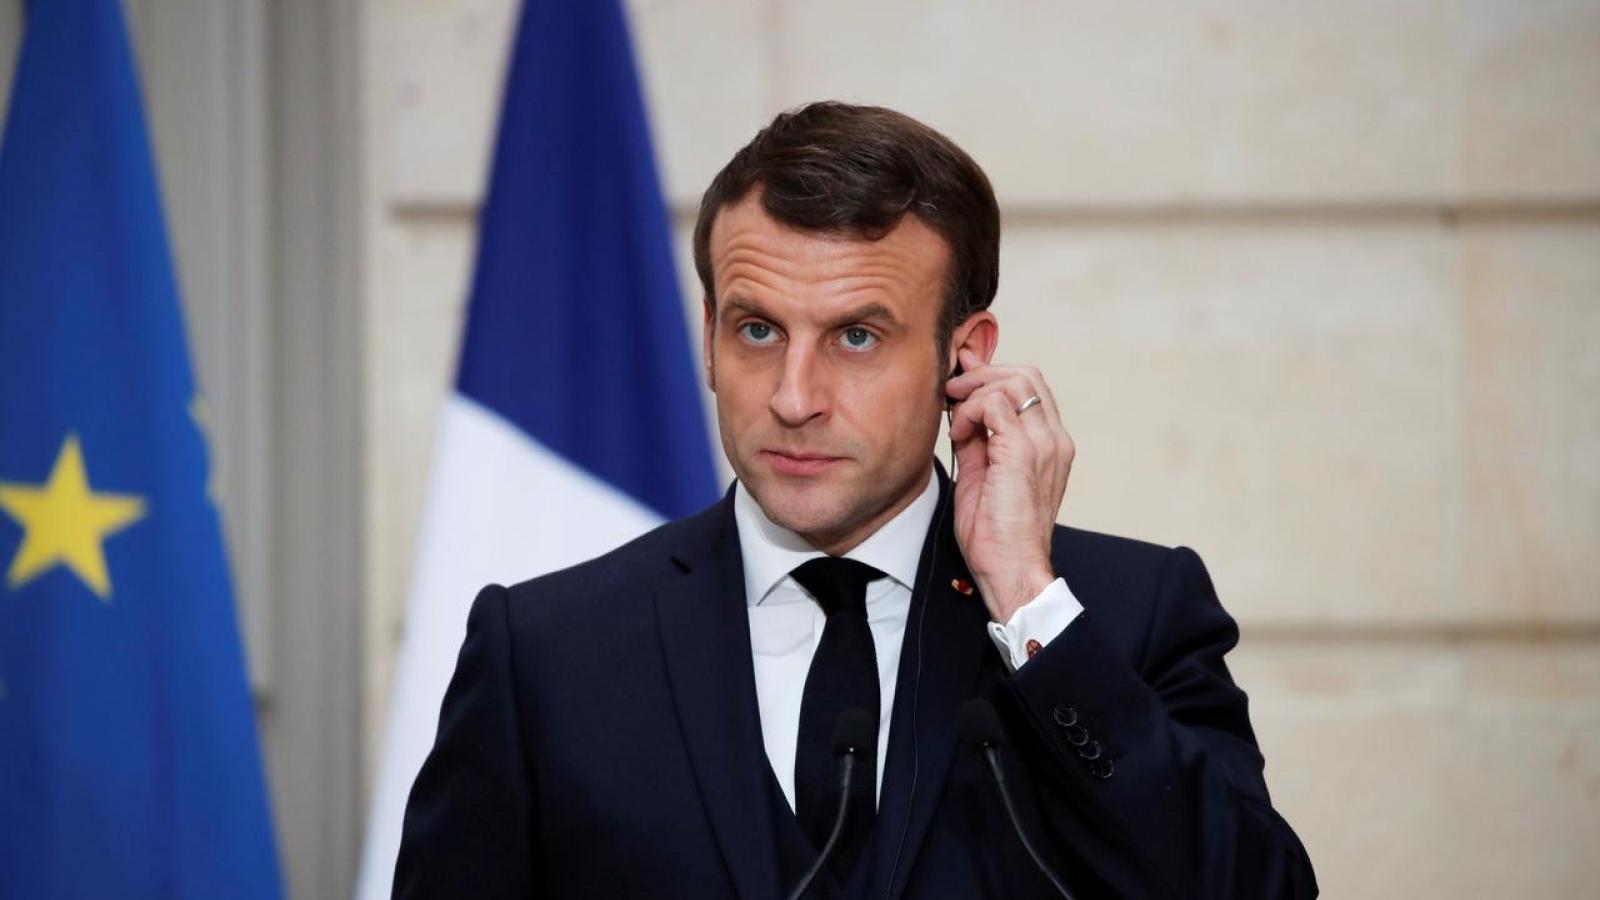 Pháp sẵn sàng hỗ trợ giải quyết xung đột tại điểm nóng Nagorno-Karabakh